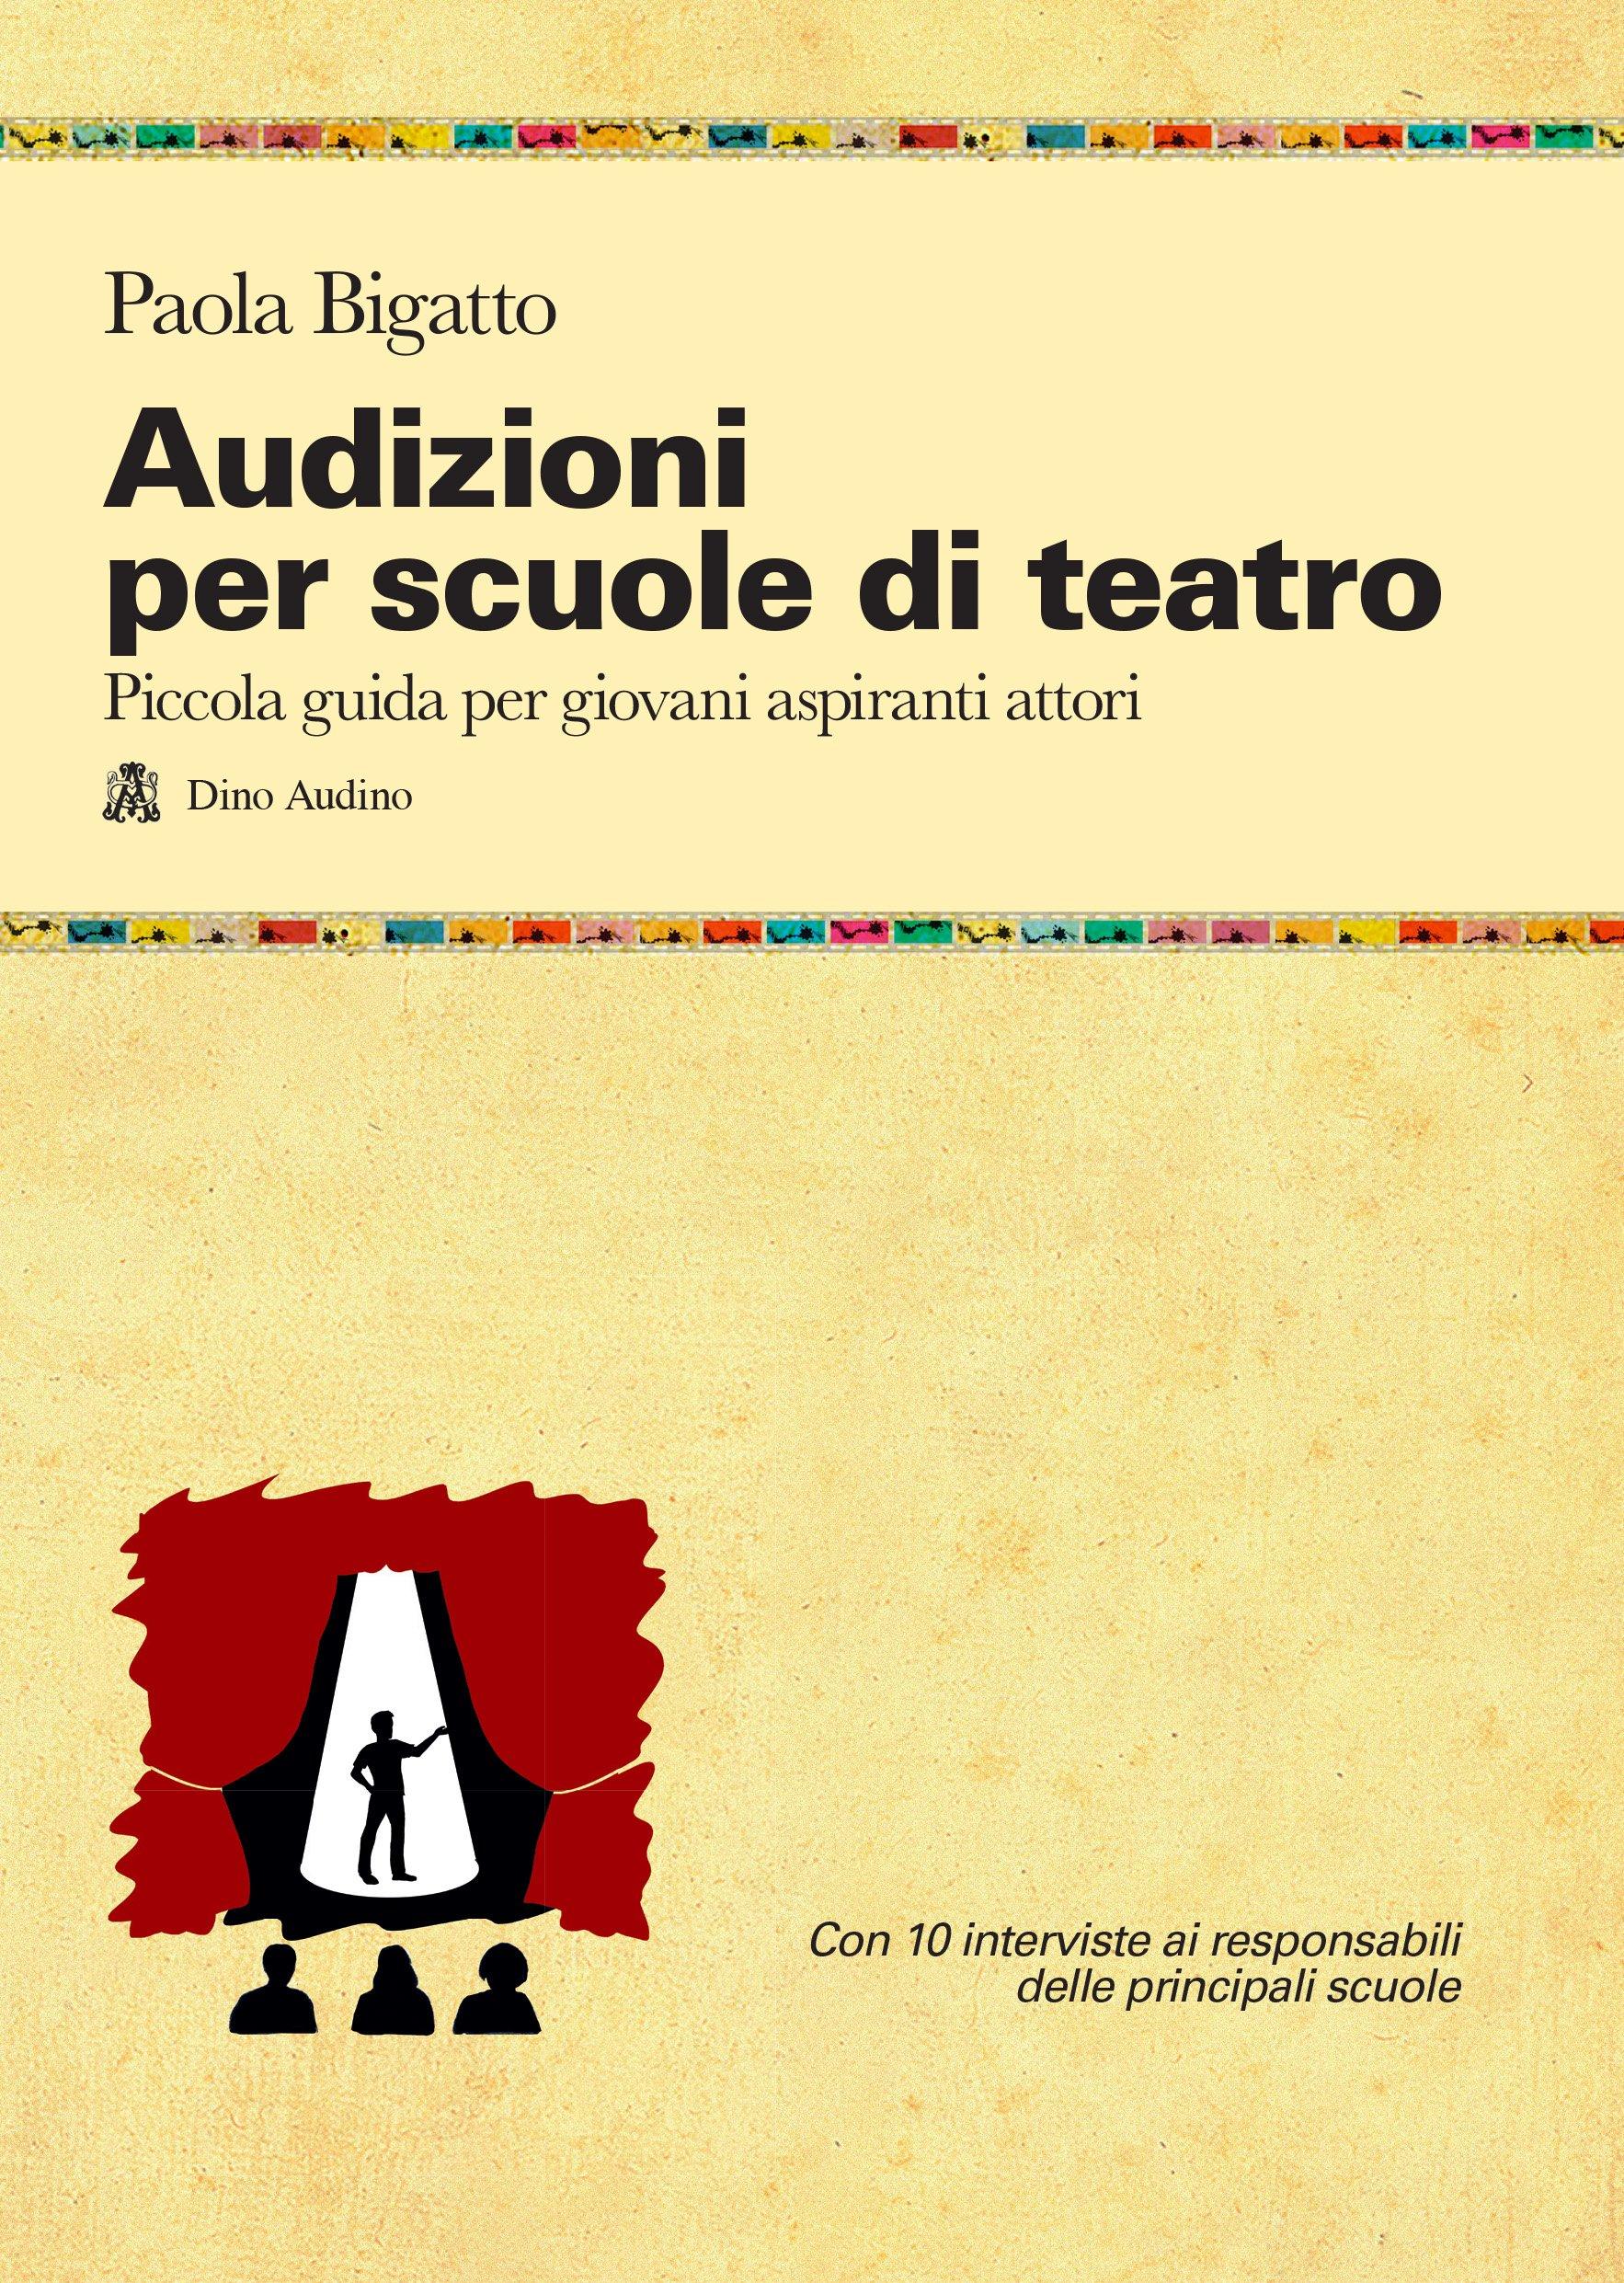 Audizioni per le scuole di teatro - Paola Bigatto